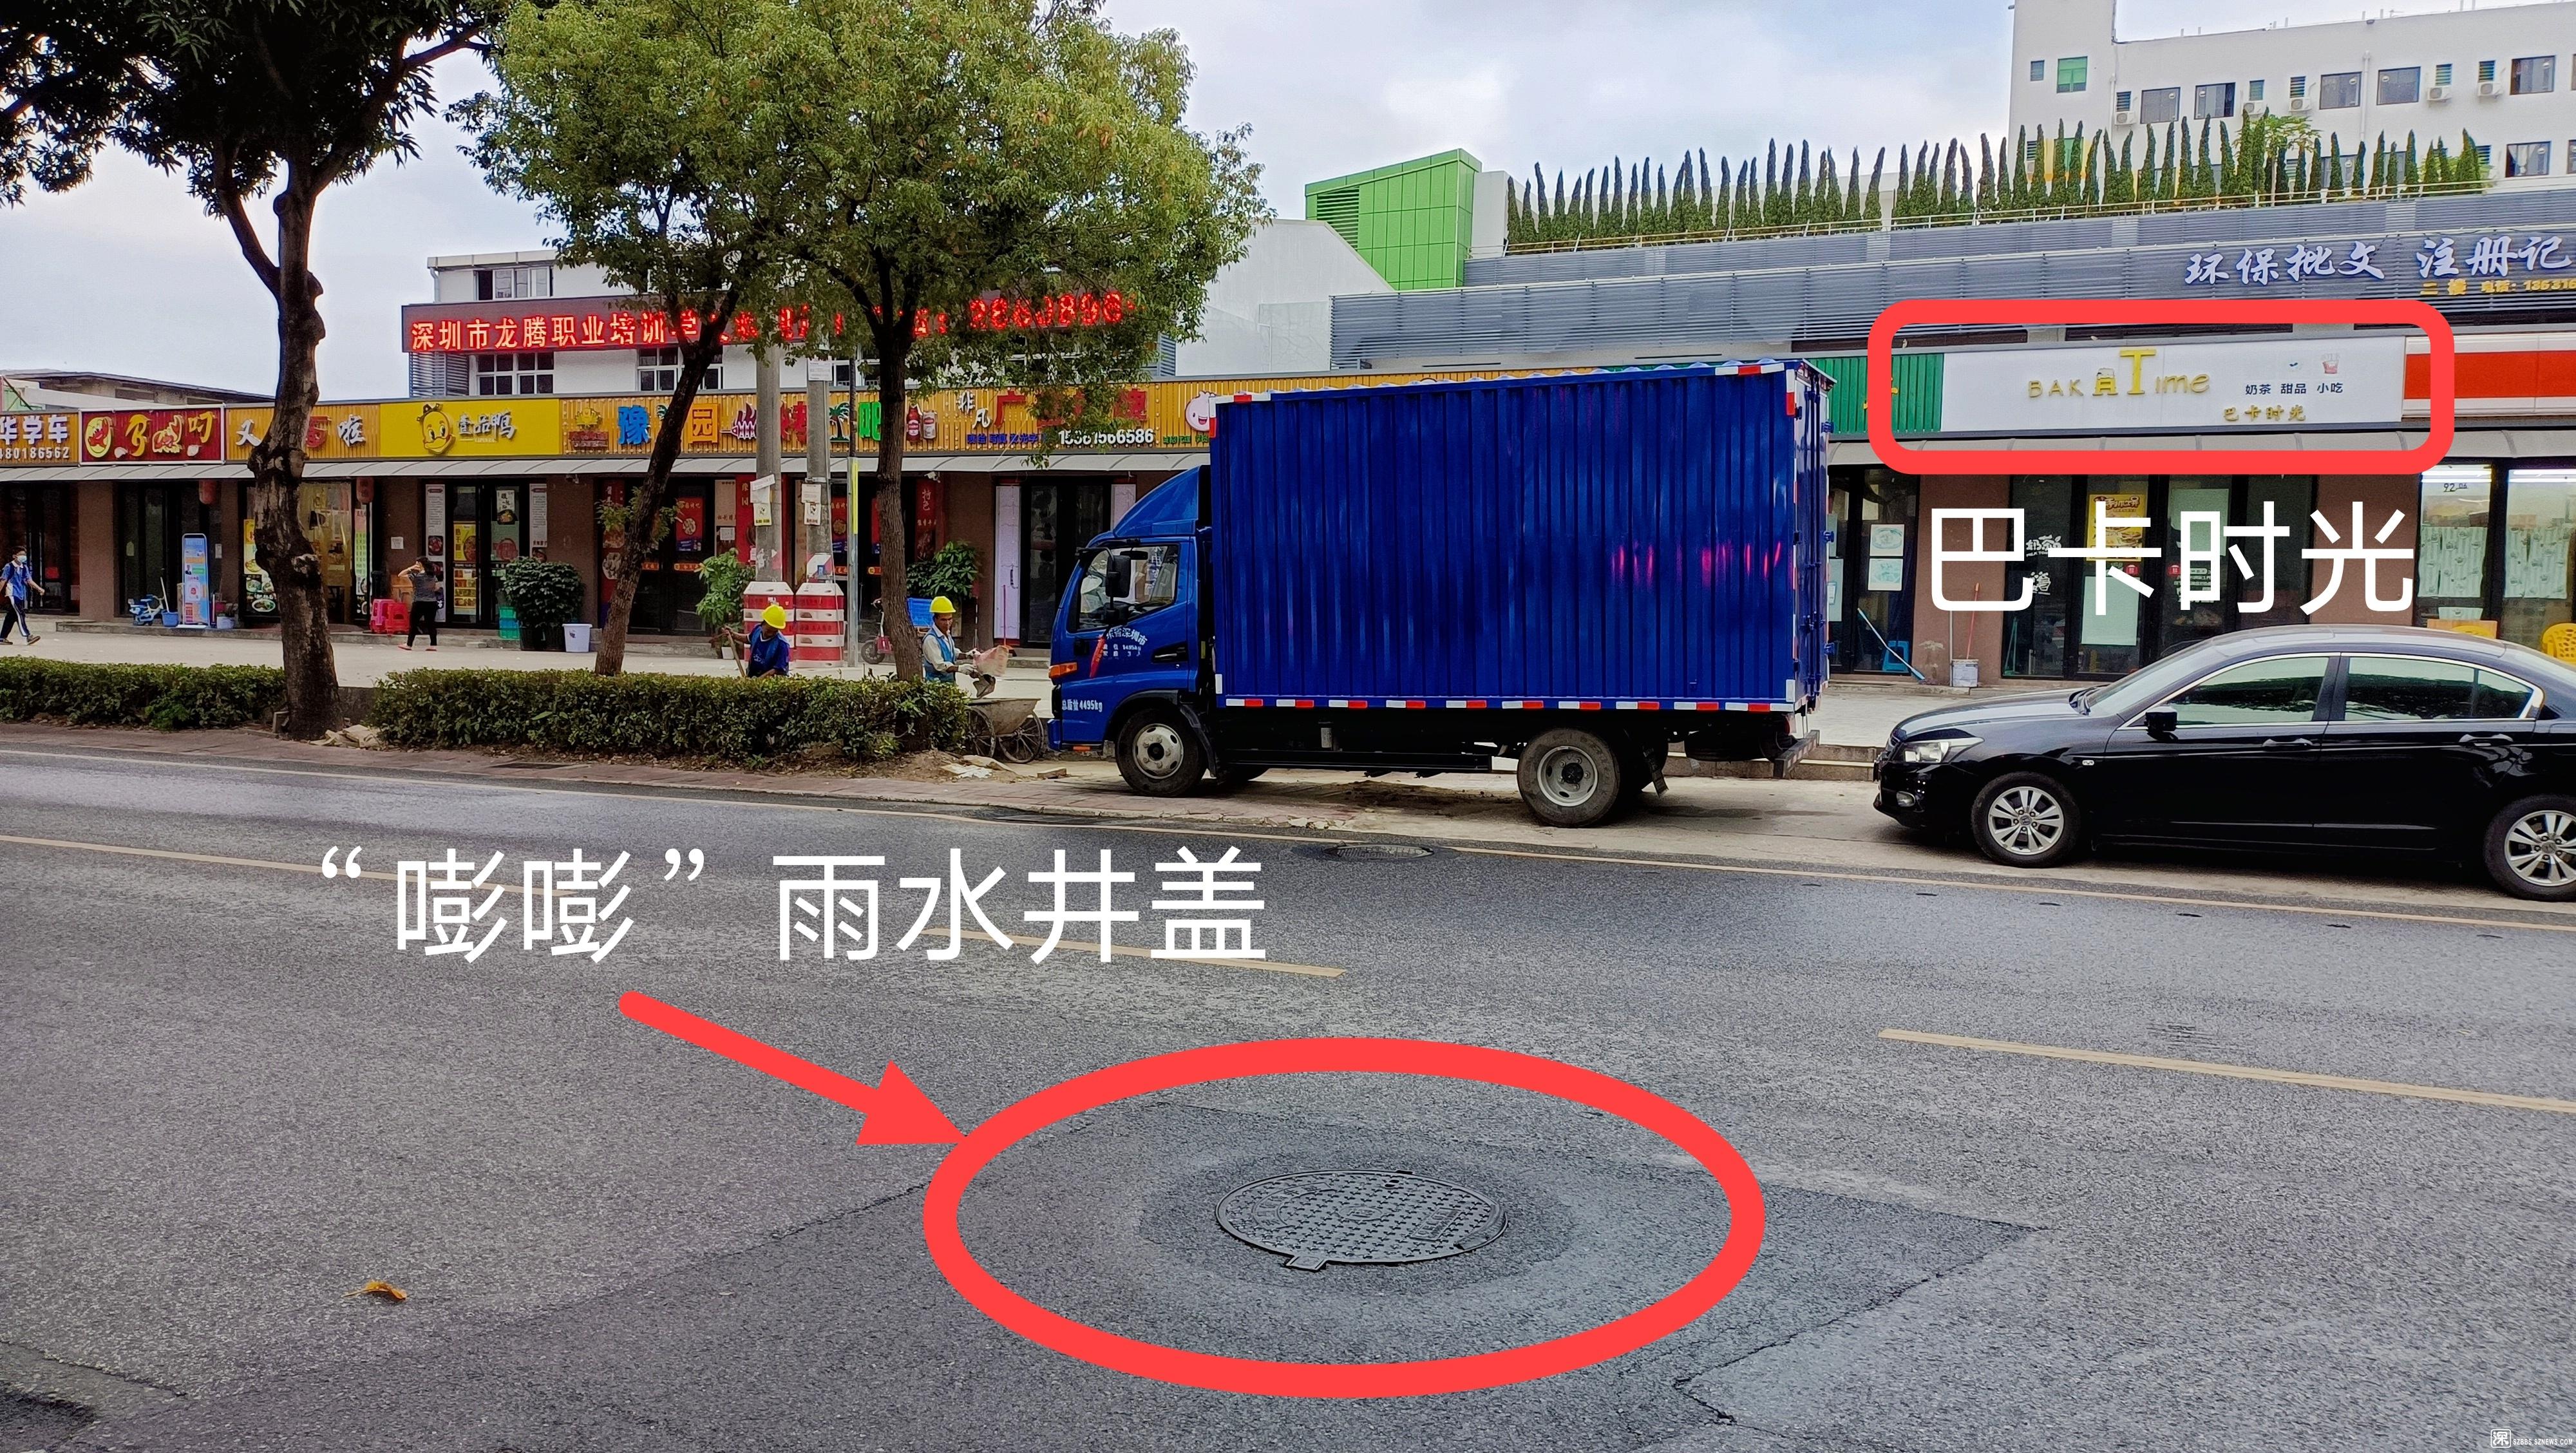 微信图片_20201120092543.jpg